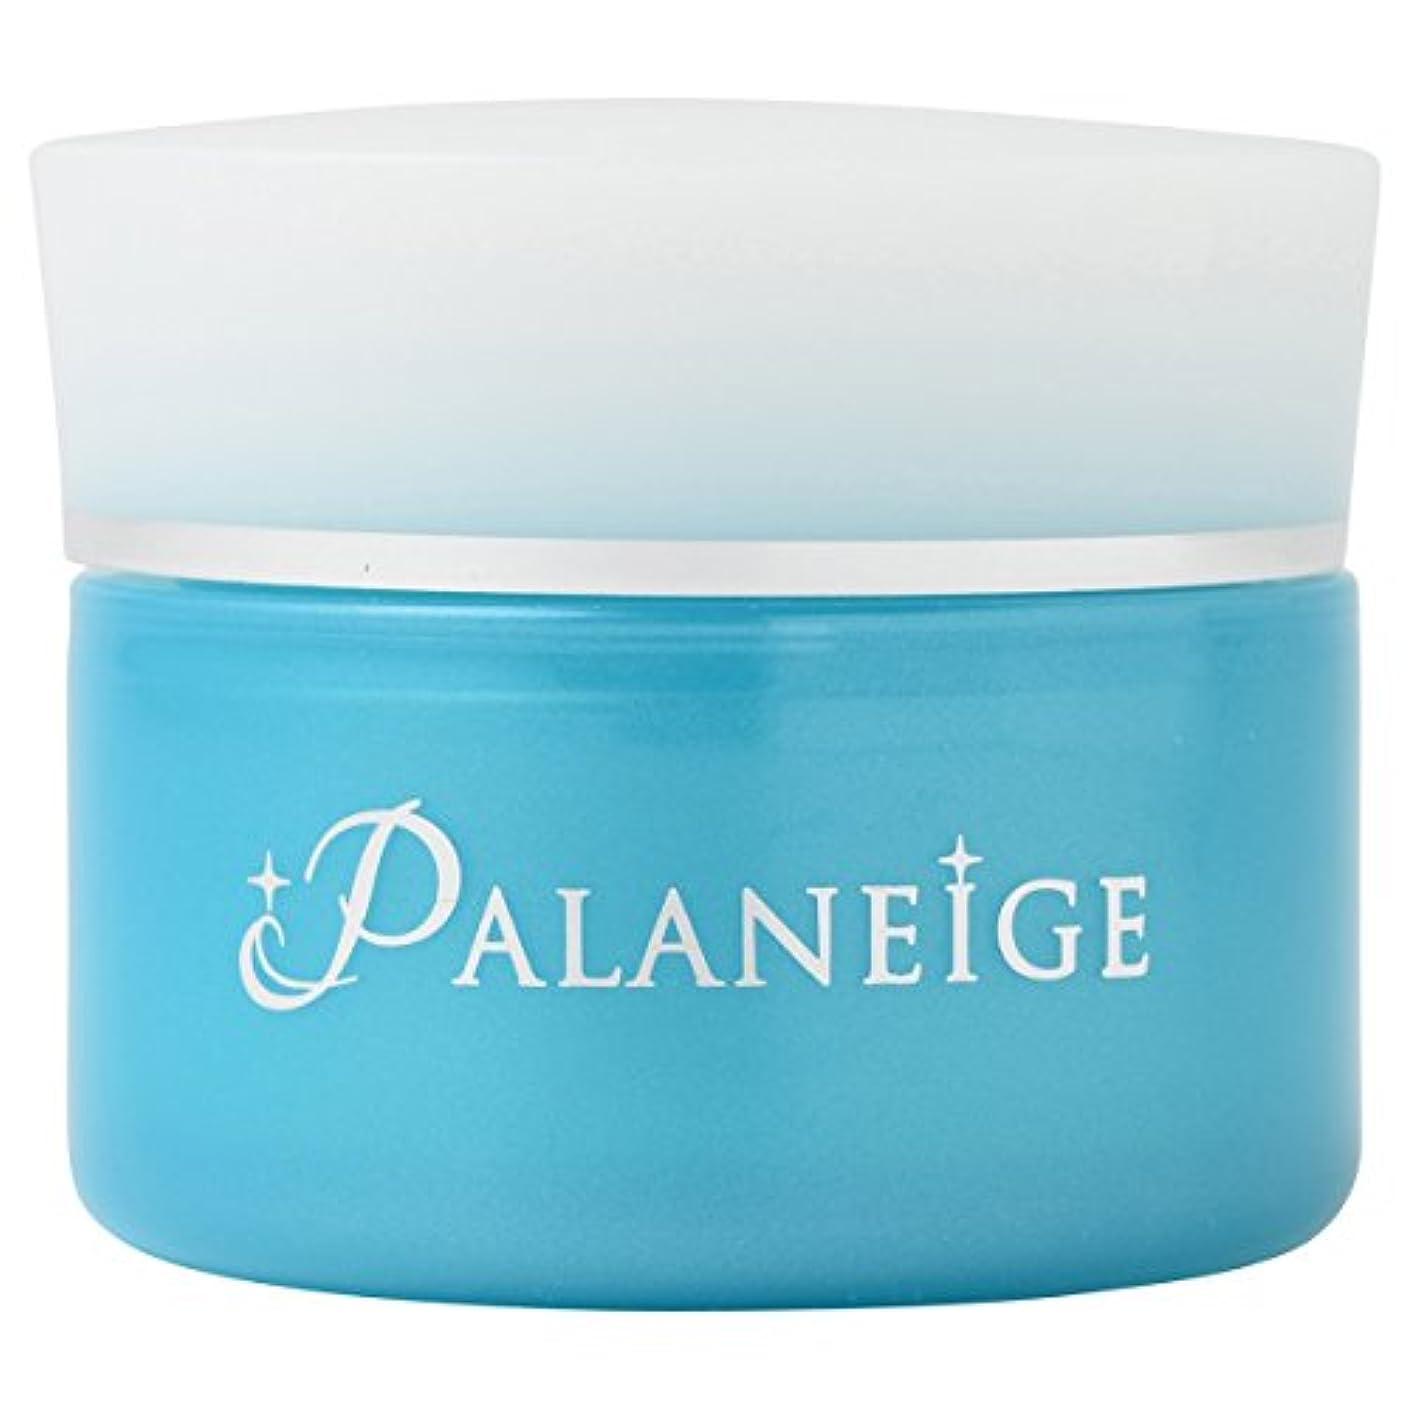 暴君全く遅滞パラネージュ ( Palaneige ) アルブチンの8倍の美白効果とプラセンタの250倍の美白有効成分があるパラオの白泥を利用した クレイパック